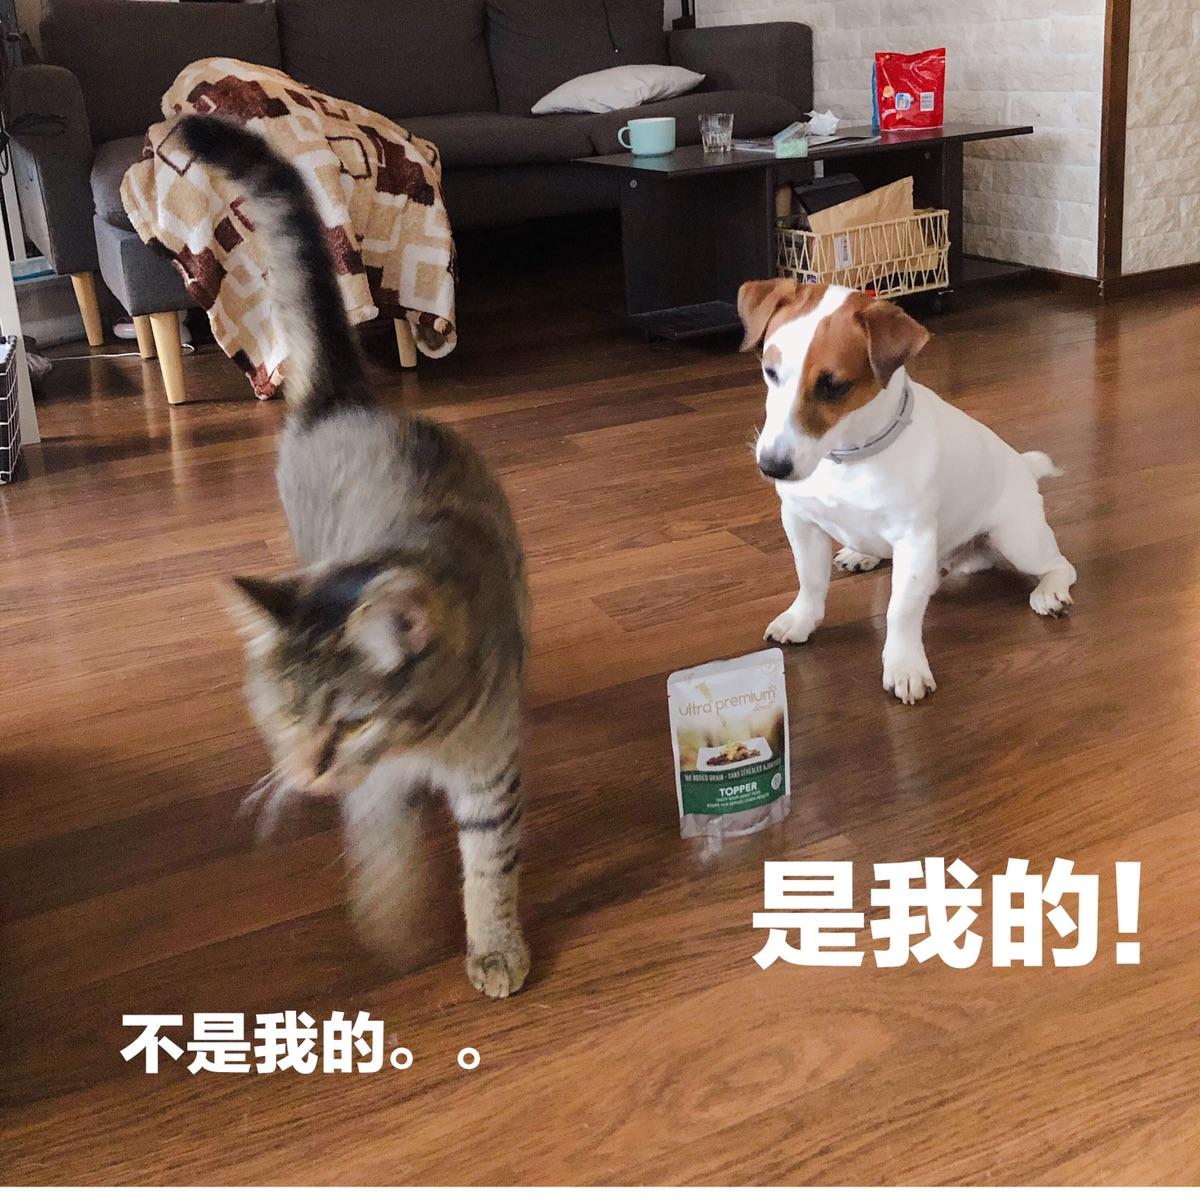 给两个毛毛虫更新猫粮狗粮品牌了!